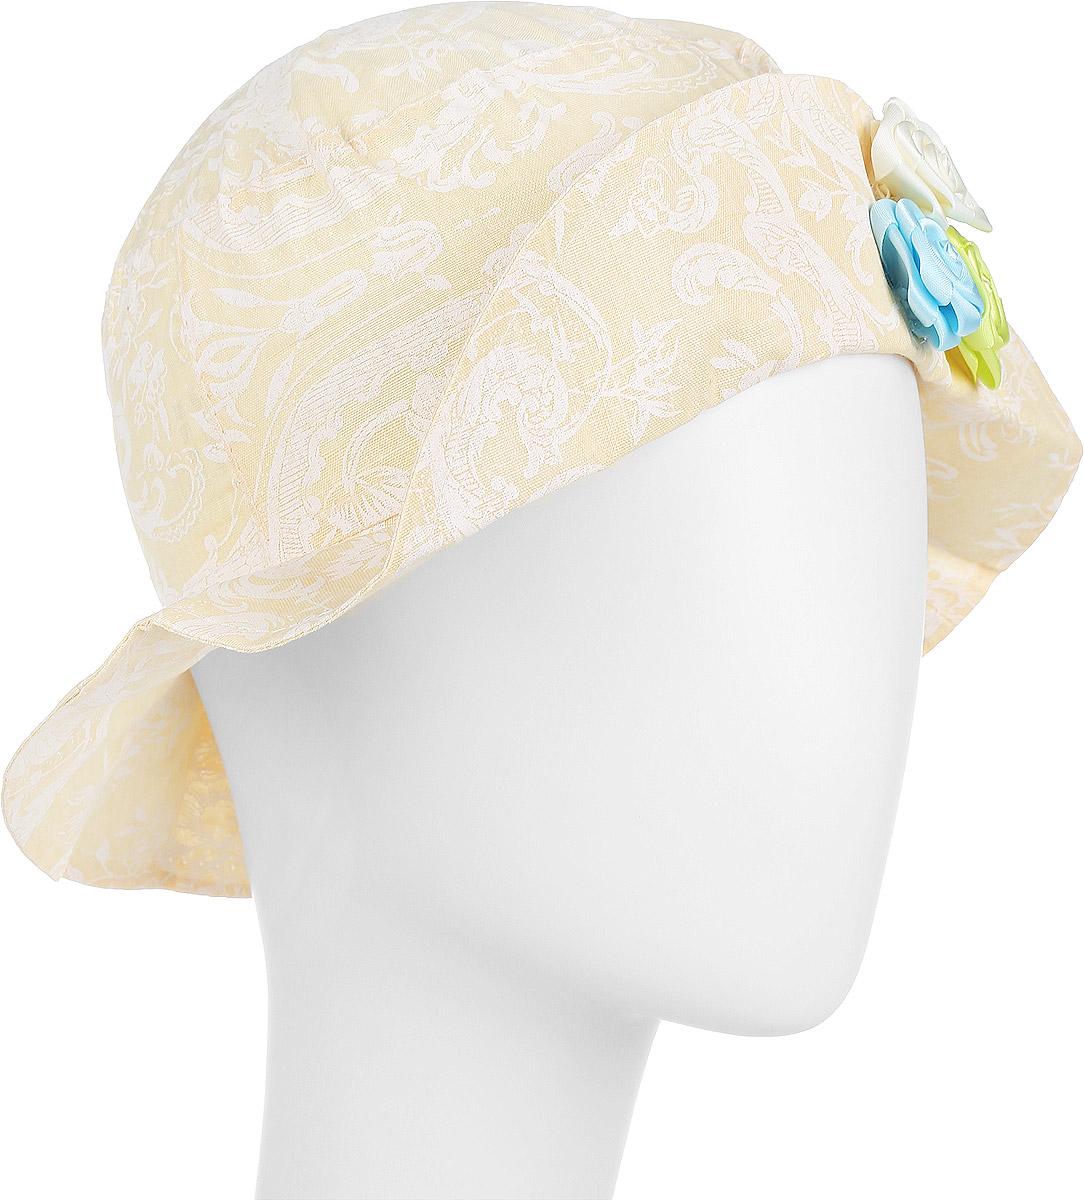 ПанамаDL772M-22Модная панама для девочки ПриКиндер, изготовленная из натурального хлопка, идеально подойдет вашей маленькой принцессе в теплое время года и защитит голову от палящего солнца. Панама с широкими полями оформлена цветочным принтом. Спереди модель дополнена декоративным пристроченным отворотом и украшена атласными розами. Сзади расположена эластичная резинка, обеспечивающая удобную посадку и надежную фиксацию панамы на голове ребенка. Такая панама станет оригинальным и стильным предметом детского гардероба, в ней ваша малышка всегда будет в центре внимания. Уважаемые клиенты! Размер, доступный для заказа, является обхватом головы.